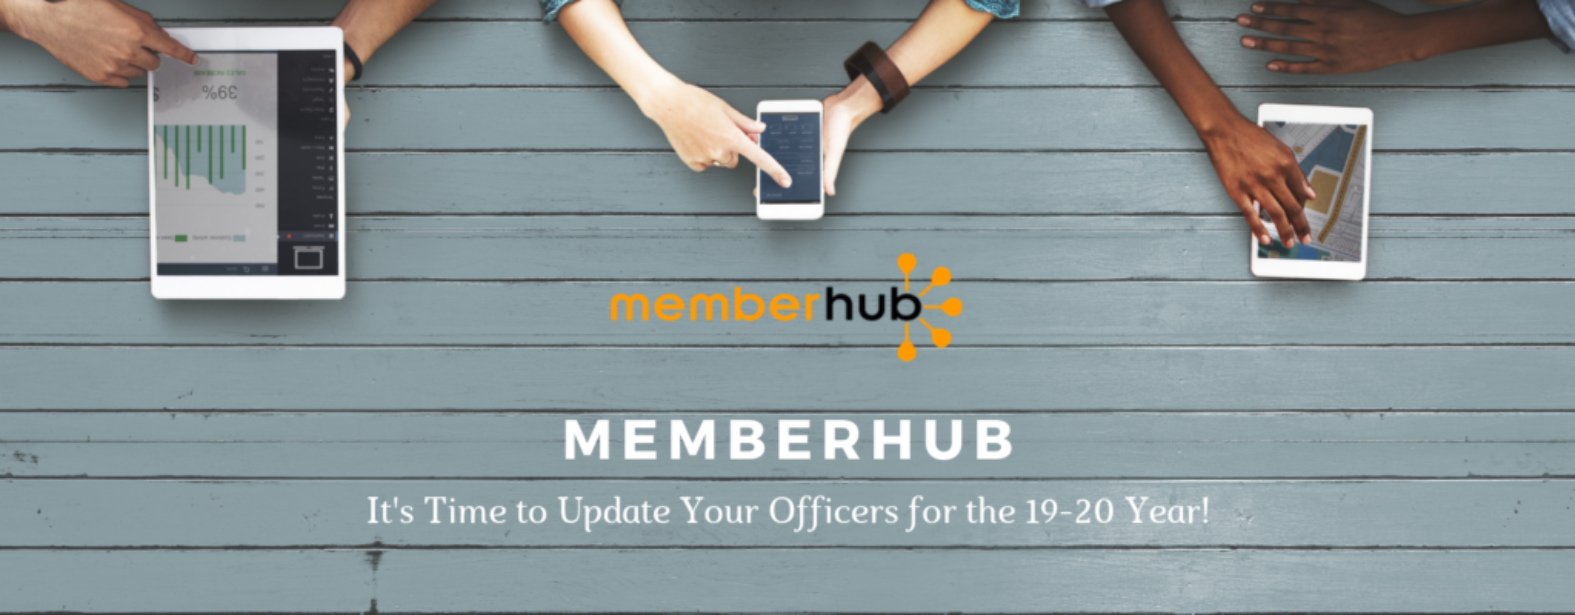 memberhubslide-2